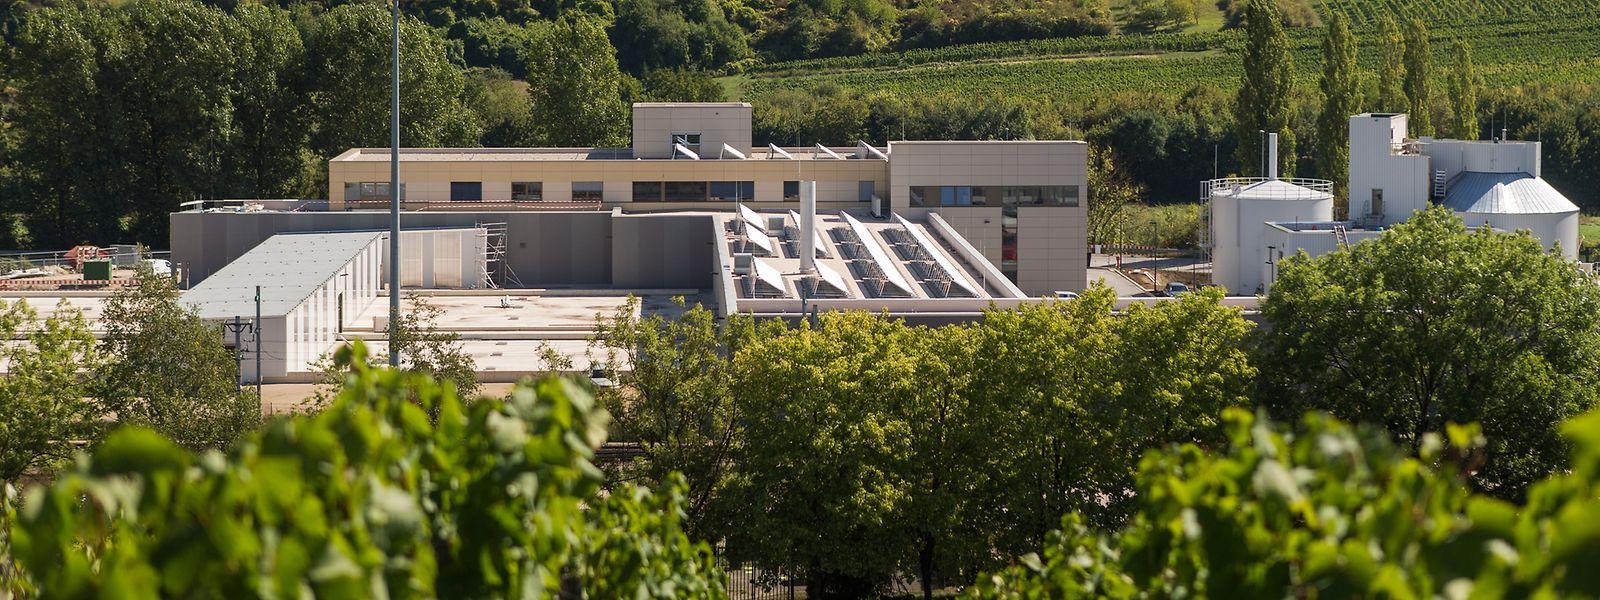 Die Anlage steht direkt an der Mosel, zwischen Tennisplatz und Tanklager.